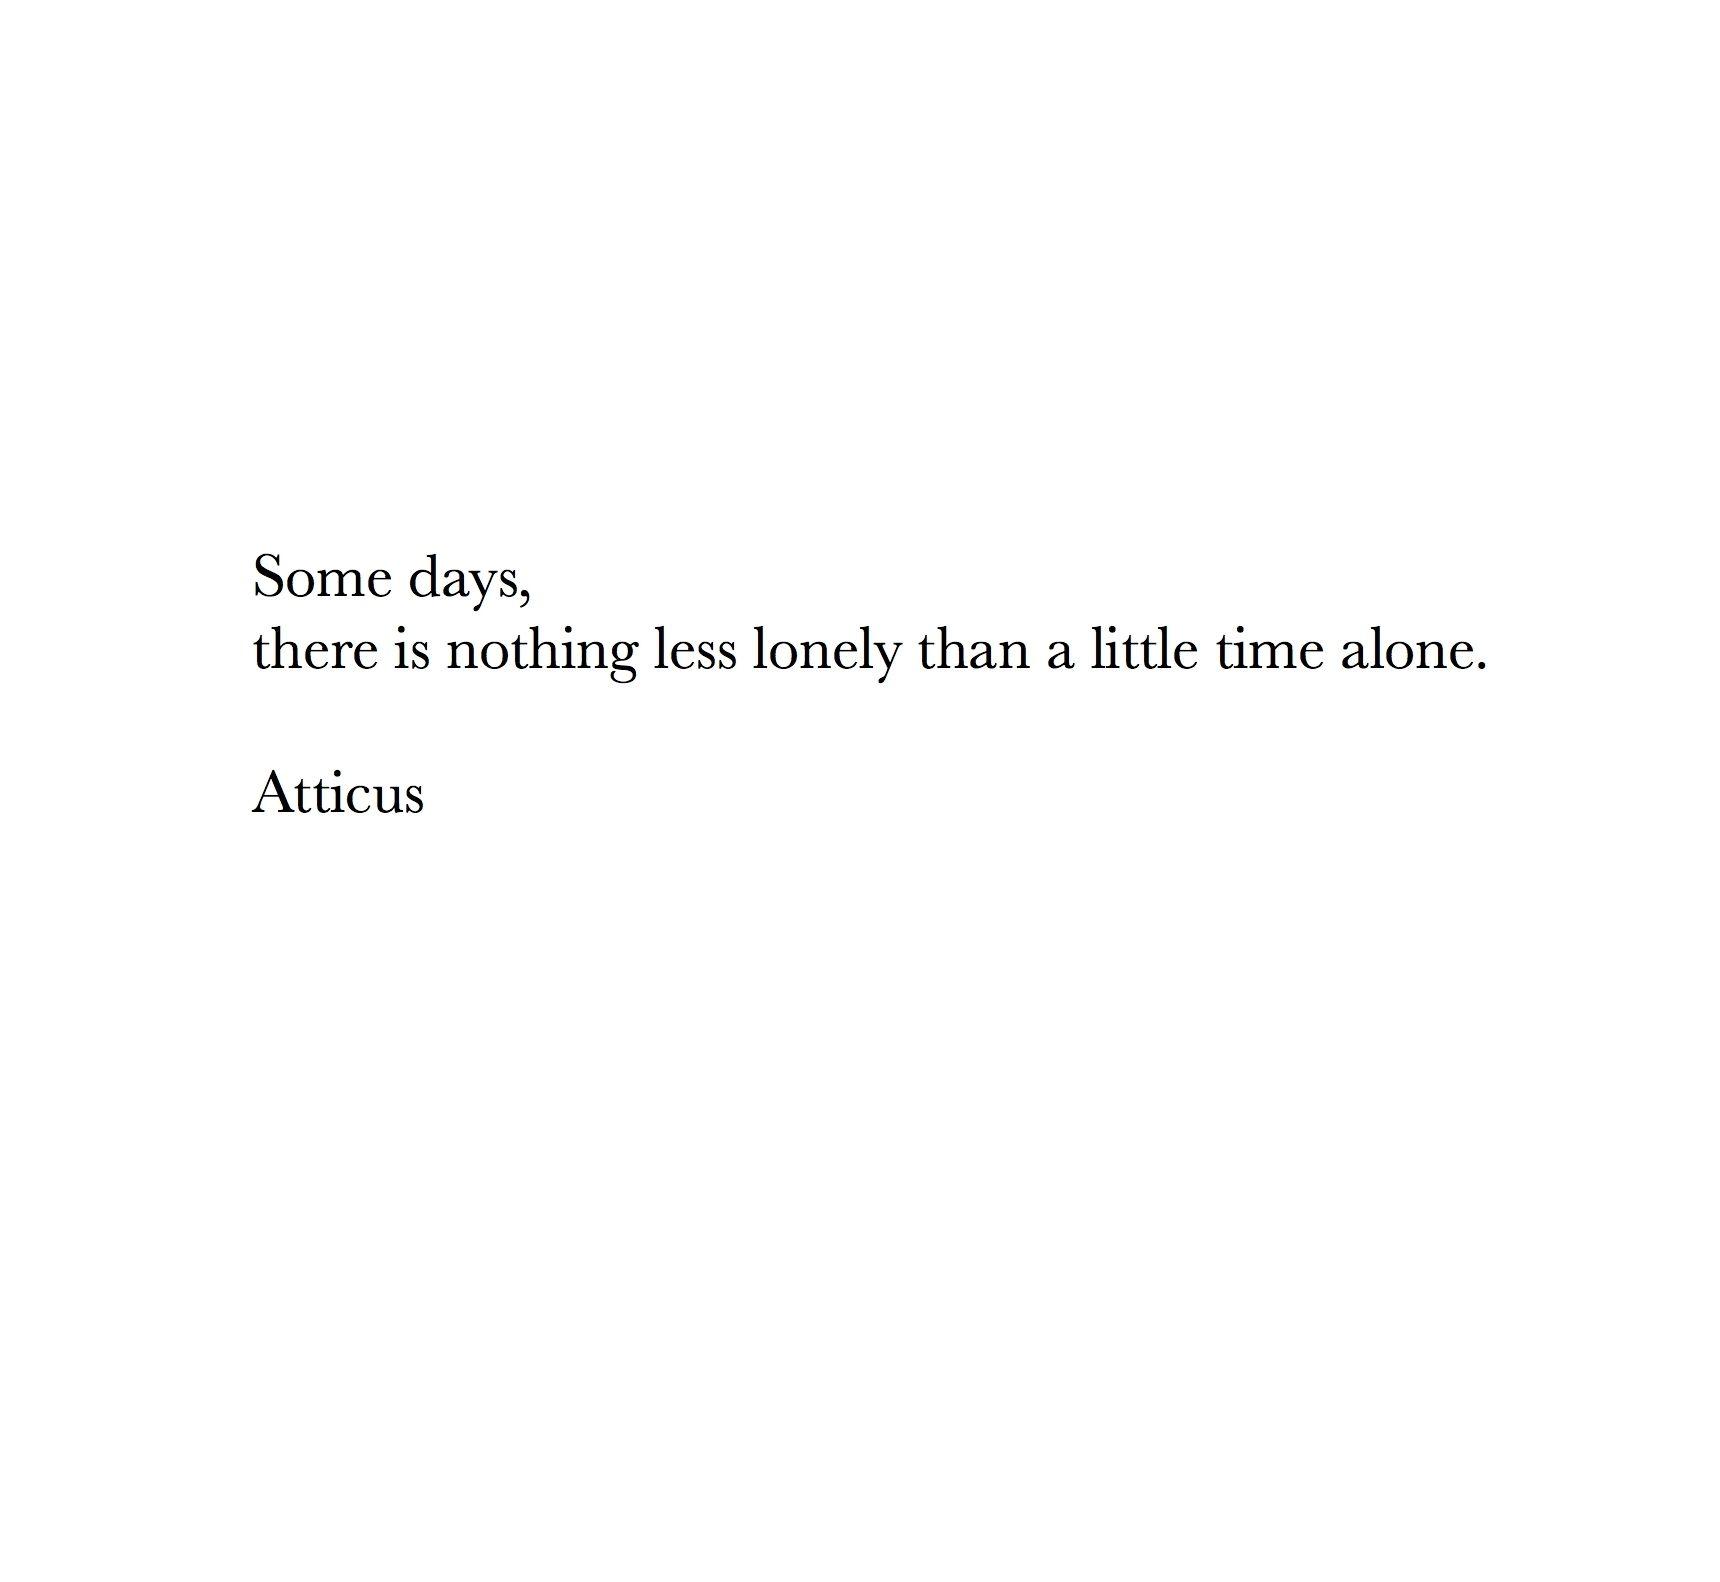 Short Sad Quotes: 'Some Days' #atticuspoetry